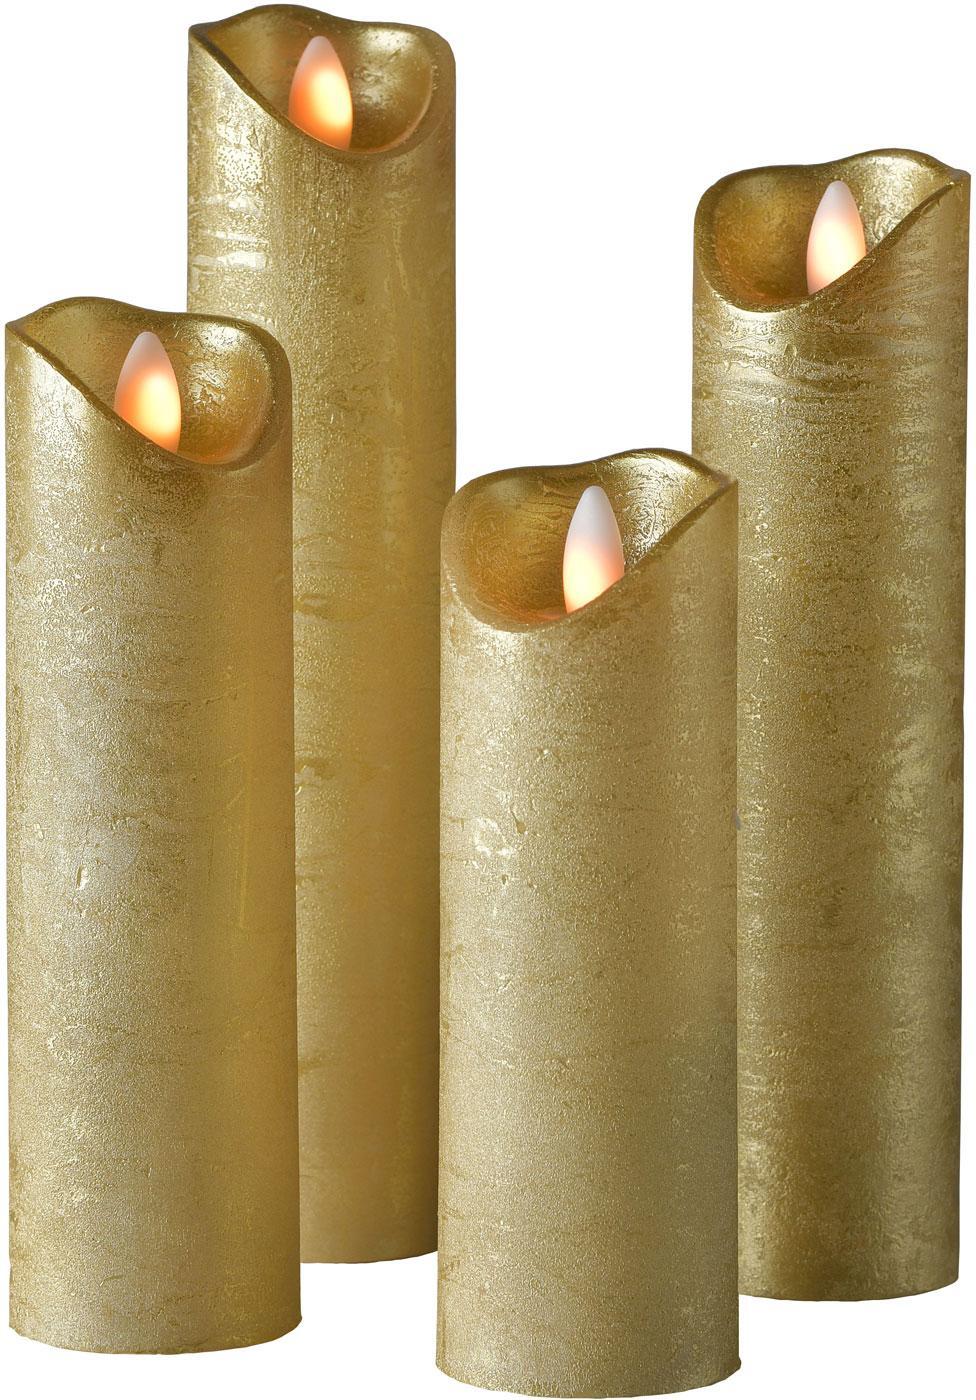 Sompex Valcová sviečka Shine LED, 4ks, Ø 5 cm, zlatá